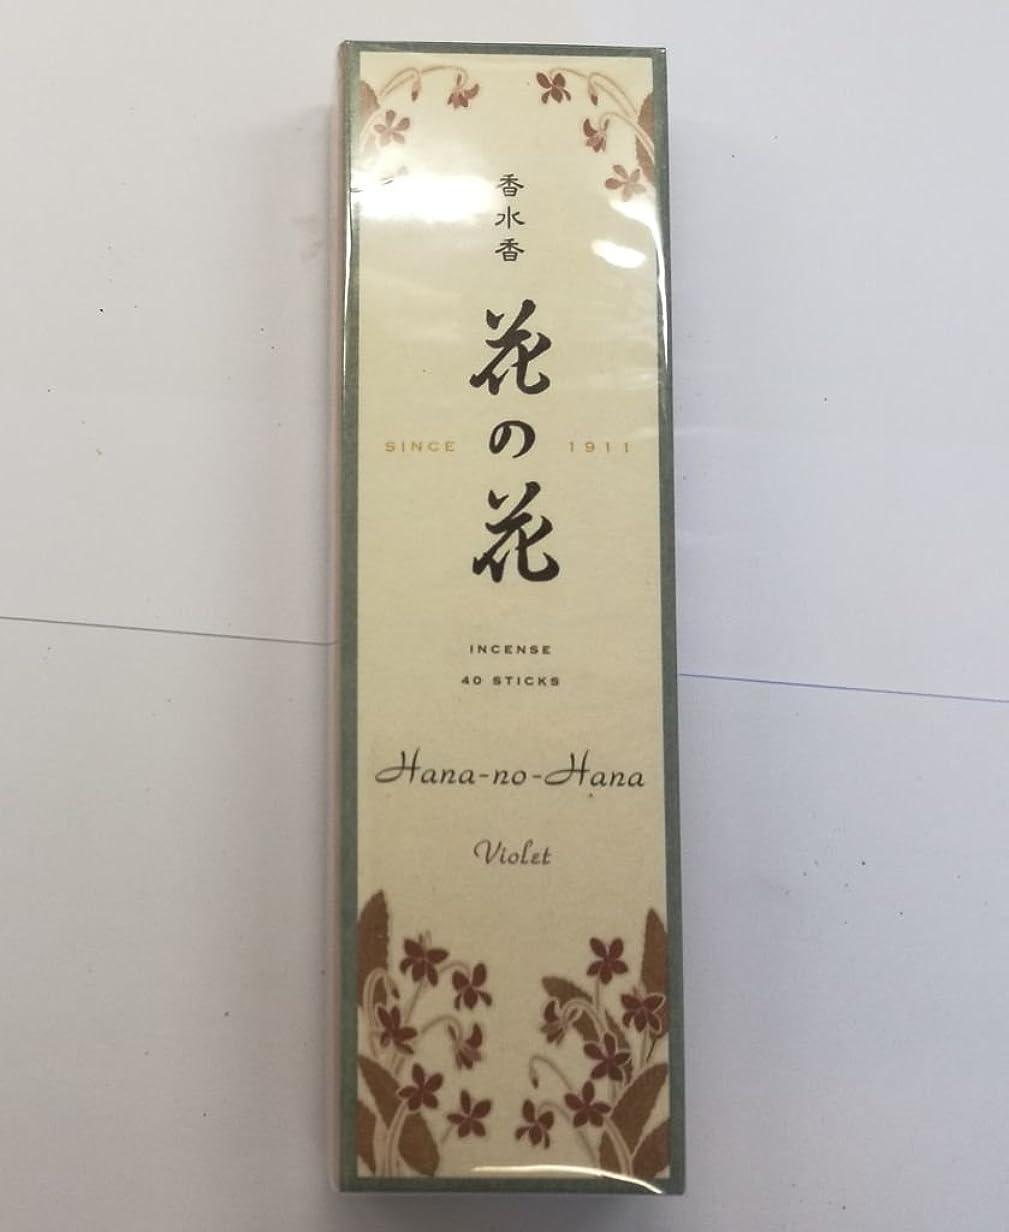 あらゆる種類の酸士気お香 香水香花の花すみれ 長寸40本入(30007)